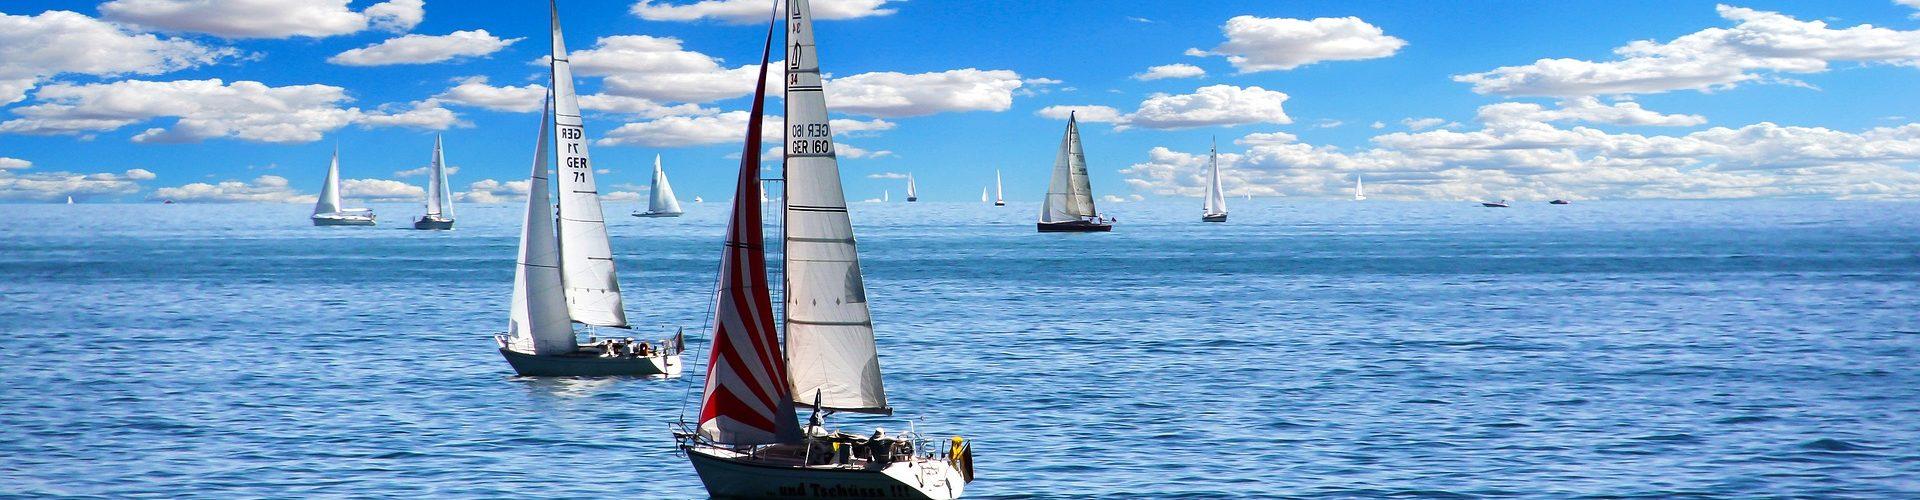 segeln lernen in Losheim am See segelschein machen in Losheim am See 1920x500 - Segeln lernen in Losheim am See